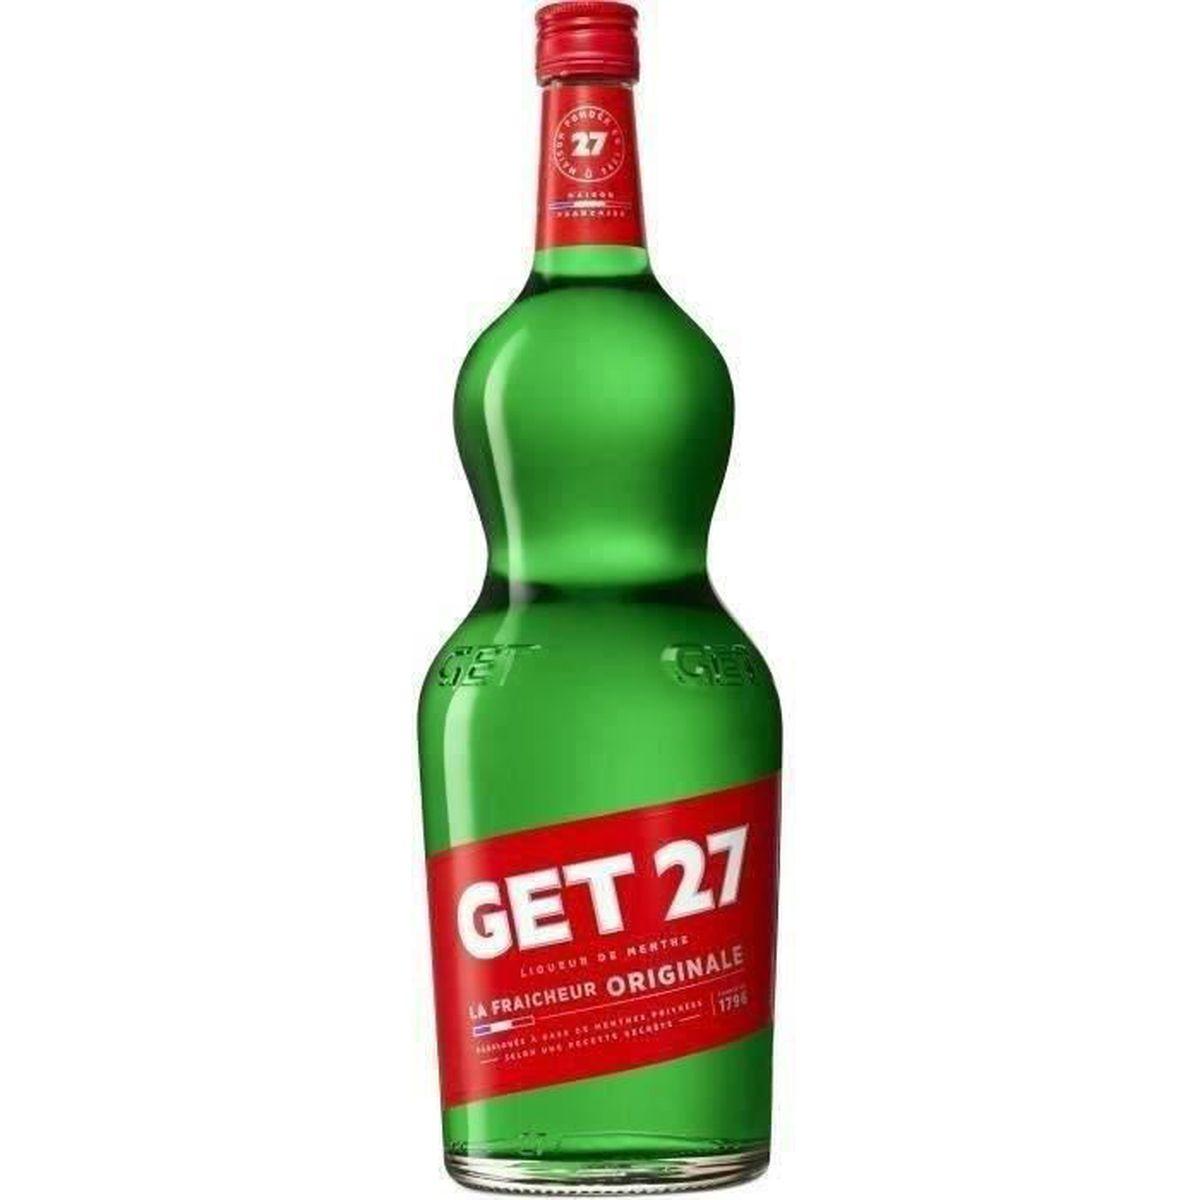 Get 27 liqueur magnum 1 5l 21 achat vente for Cocktail get 27